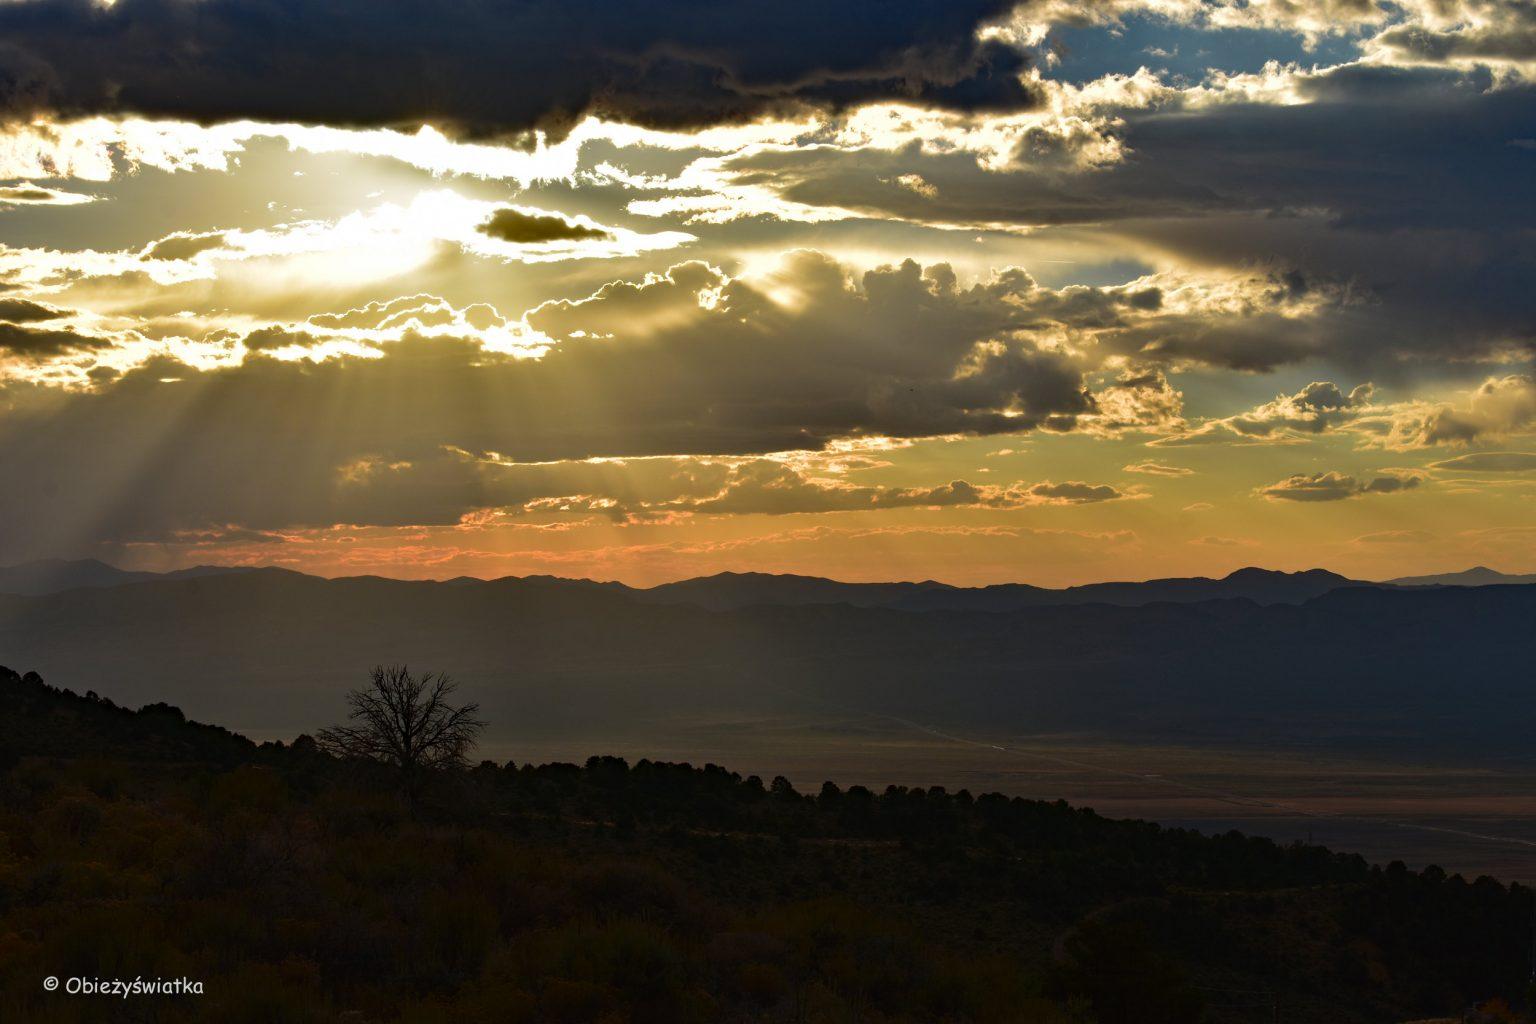 Zachód słońca na trasie Highway 50, Nevada